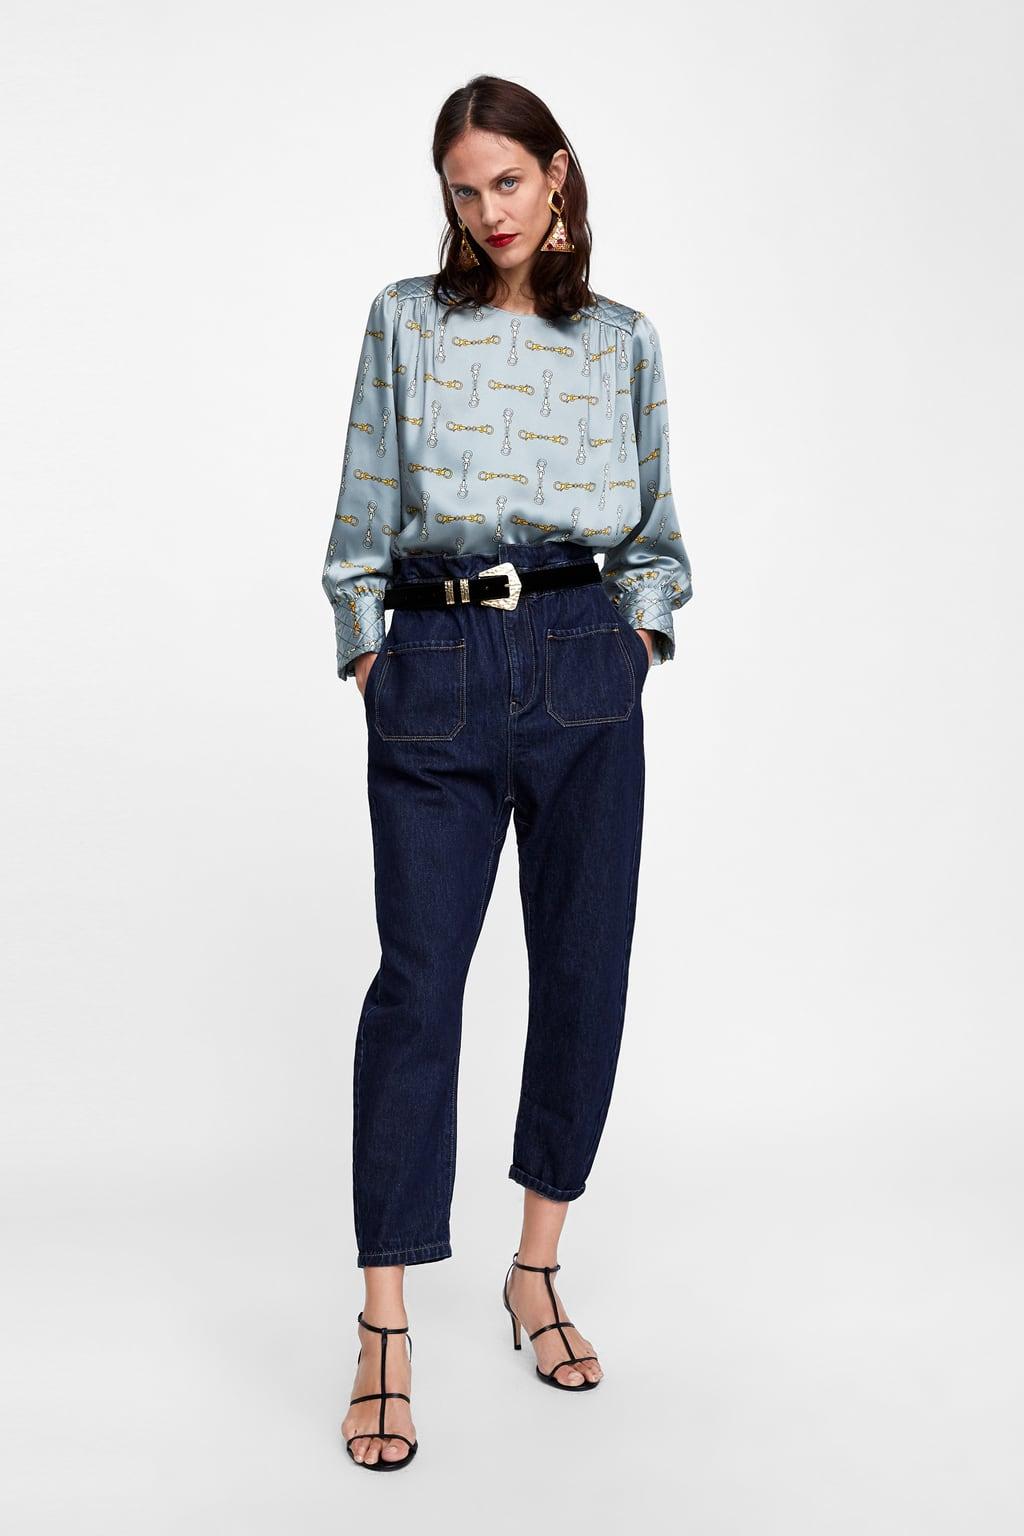 super popular barato mejor valorado última tecnología Shoptagr | Cuerpo Estampado Cadenas Blusas by Zara